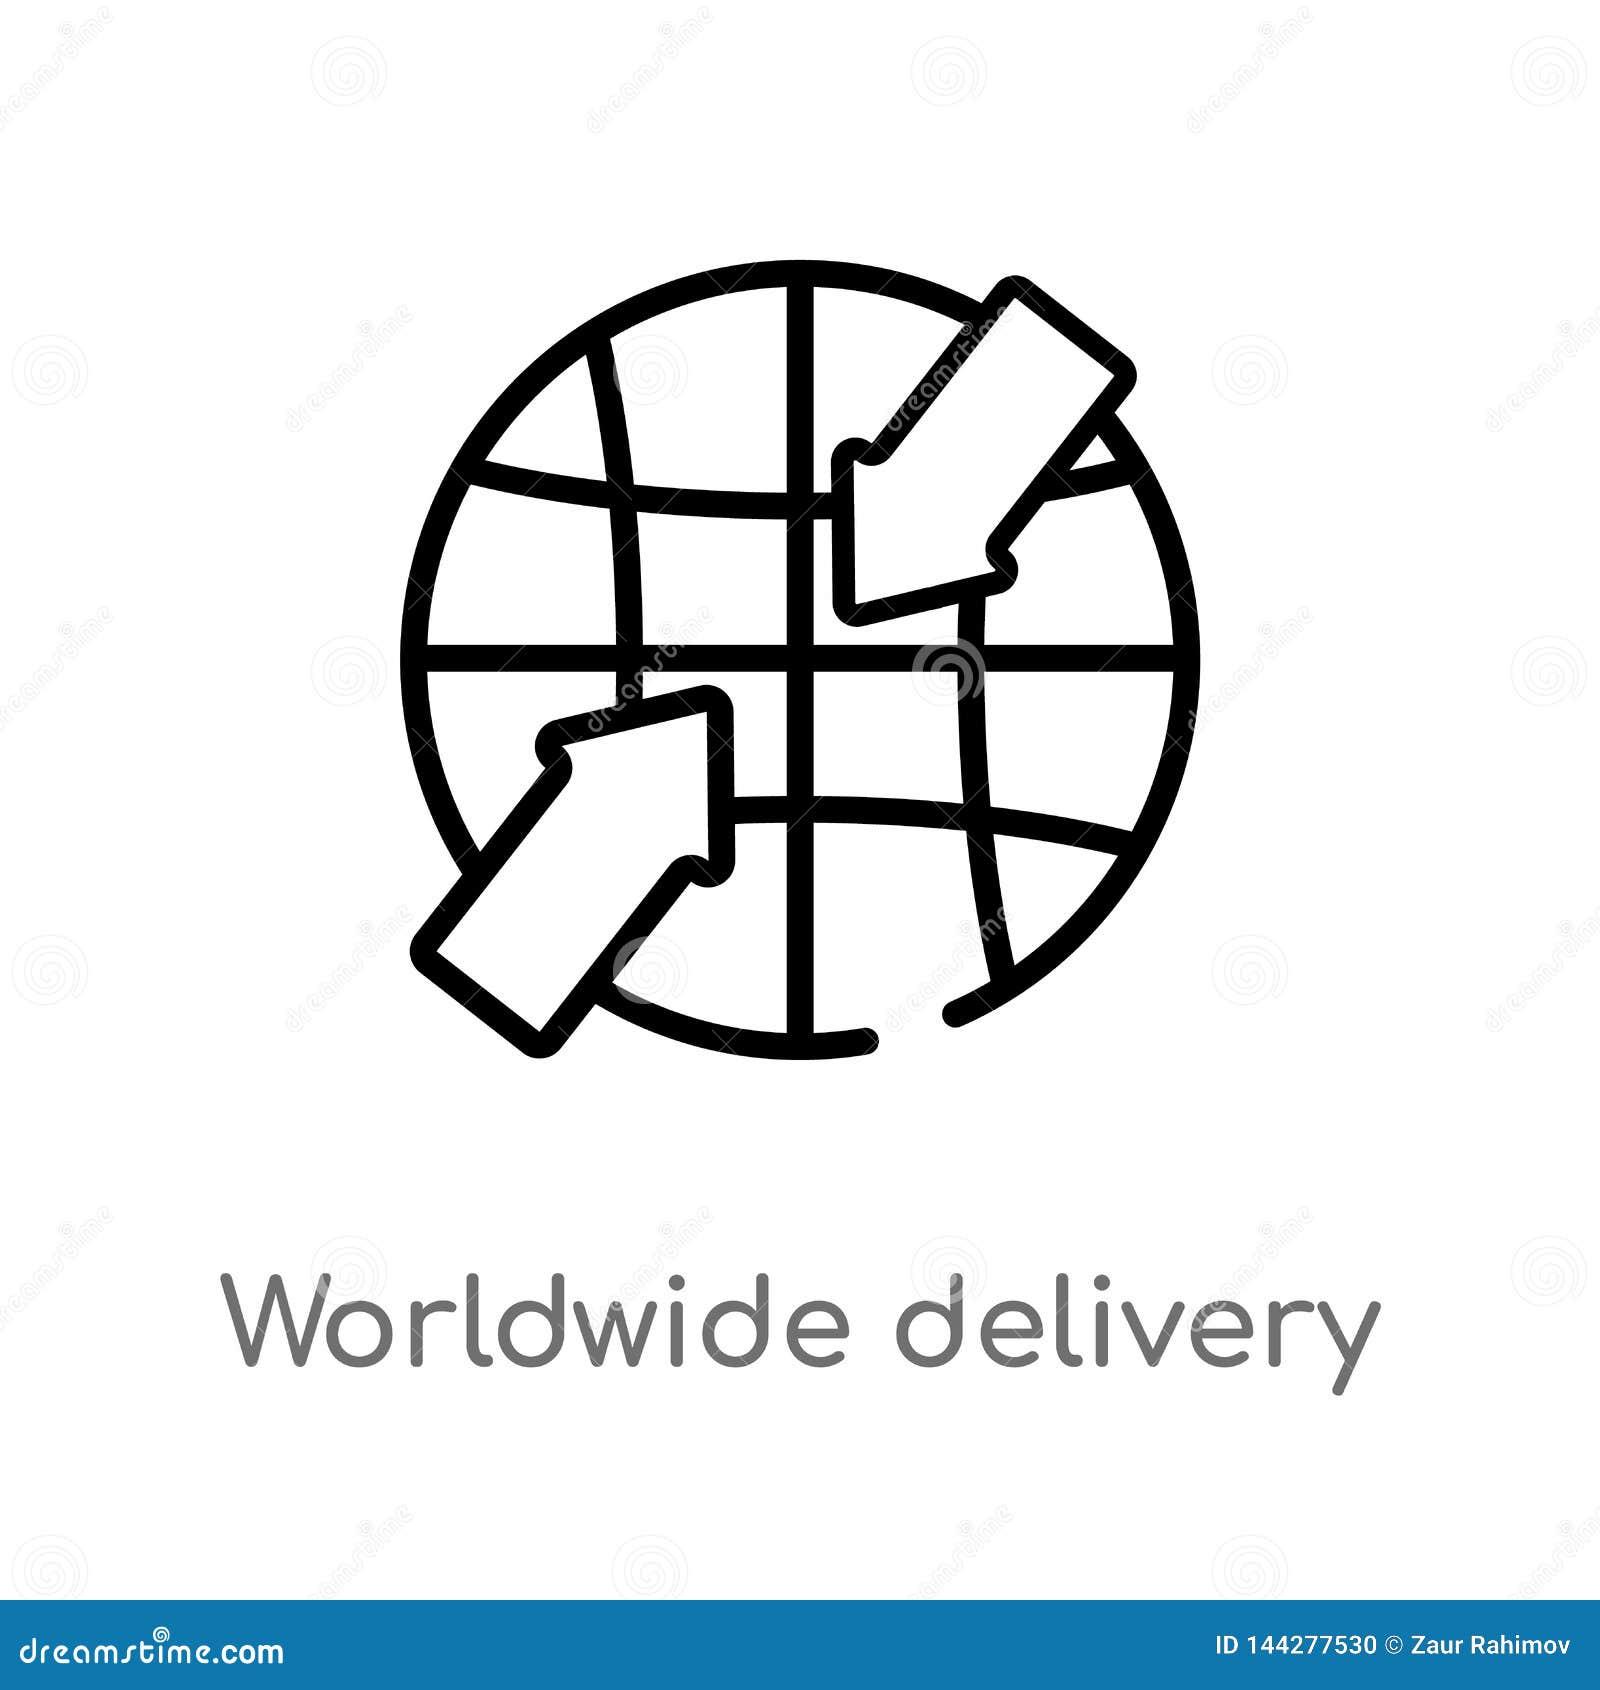 διανυσματικό εικονίδιο παράδοσης περιλήψεων παγκόσμιο απομονωμένη μαύρη απλή απεικόνιση στοιχείων γραμμών από την έννοια παράδοση